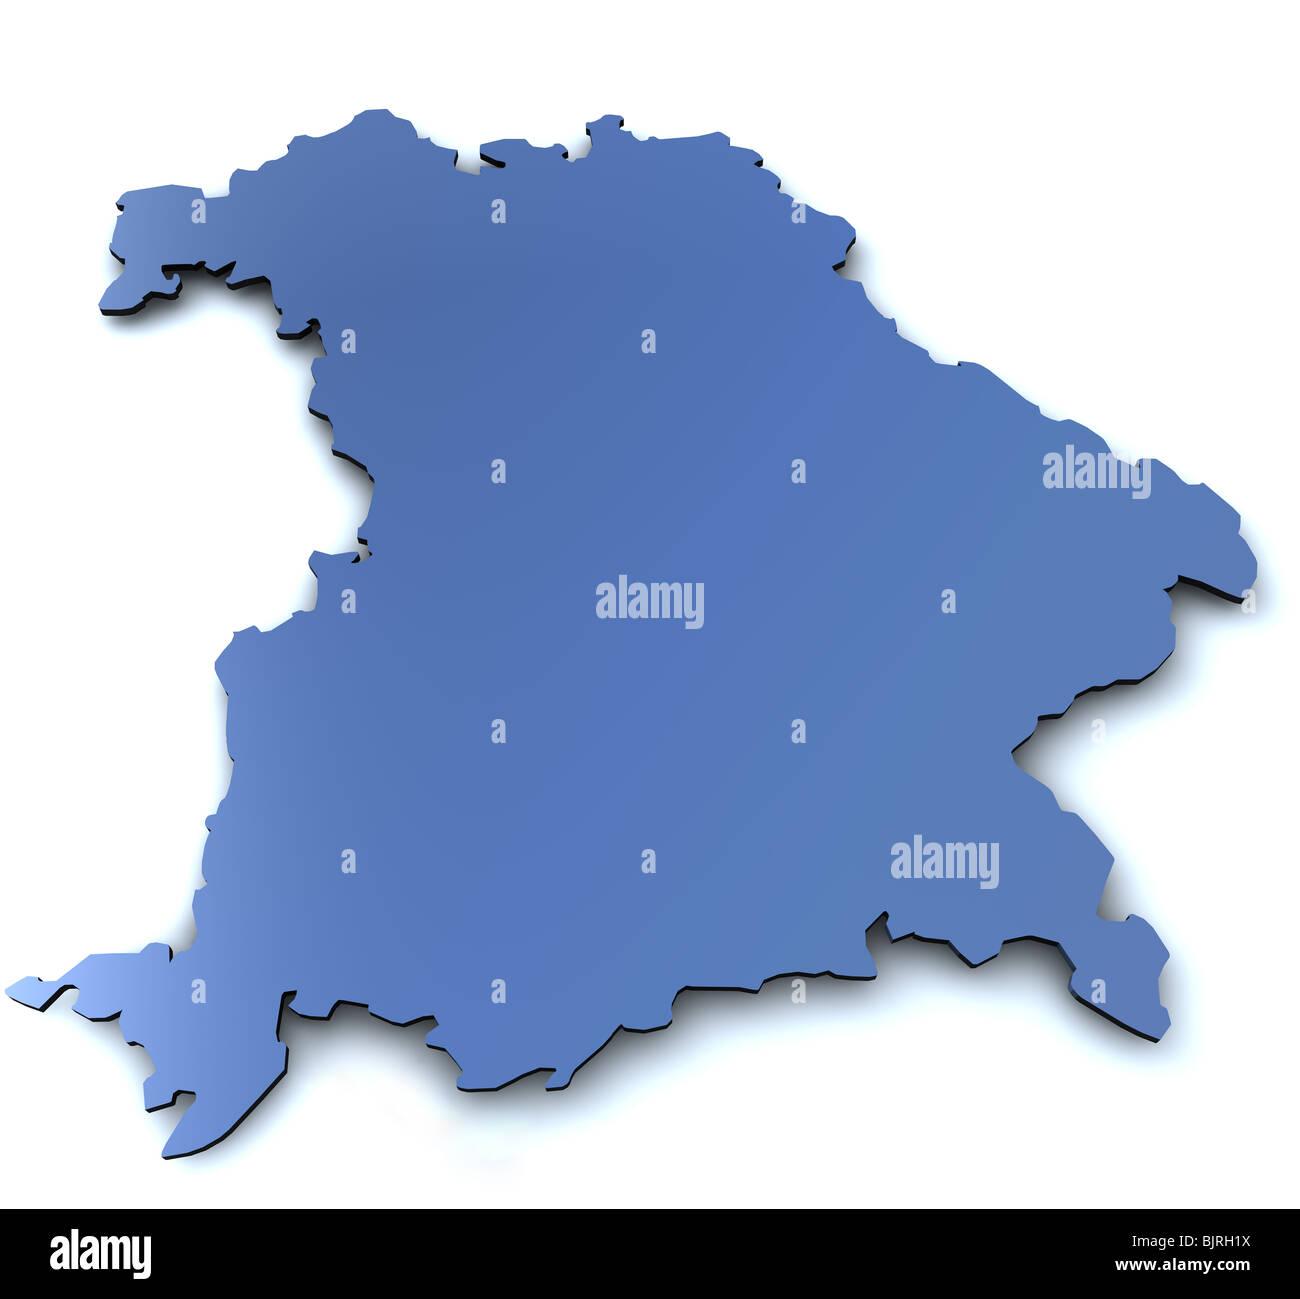 Karte Von Dem Bundesland Bayern In 3d Mit Leichten Schatten